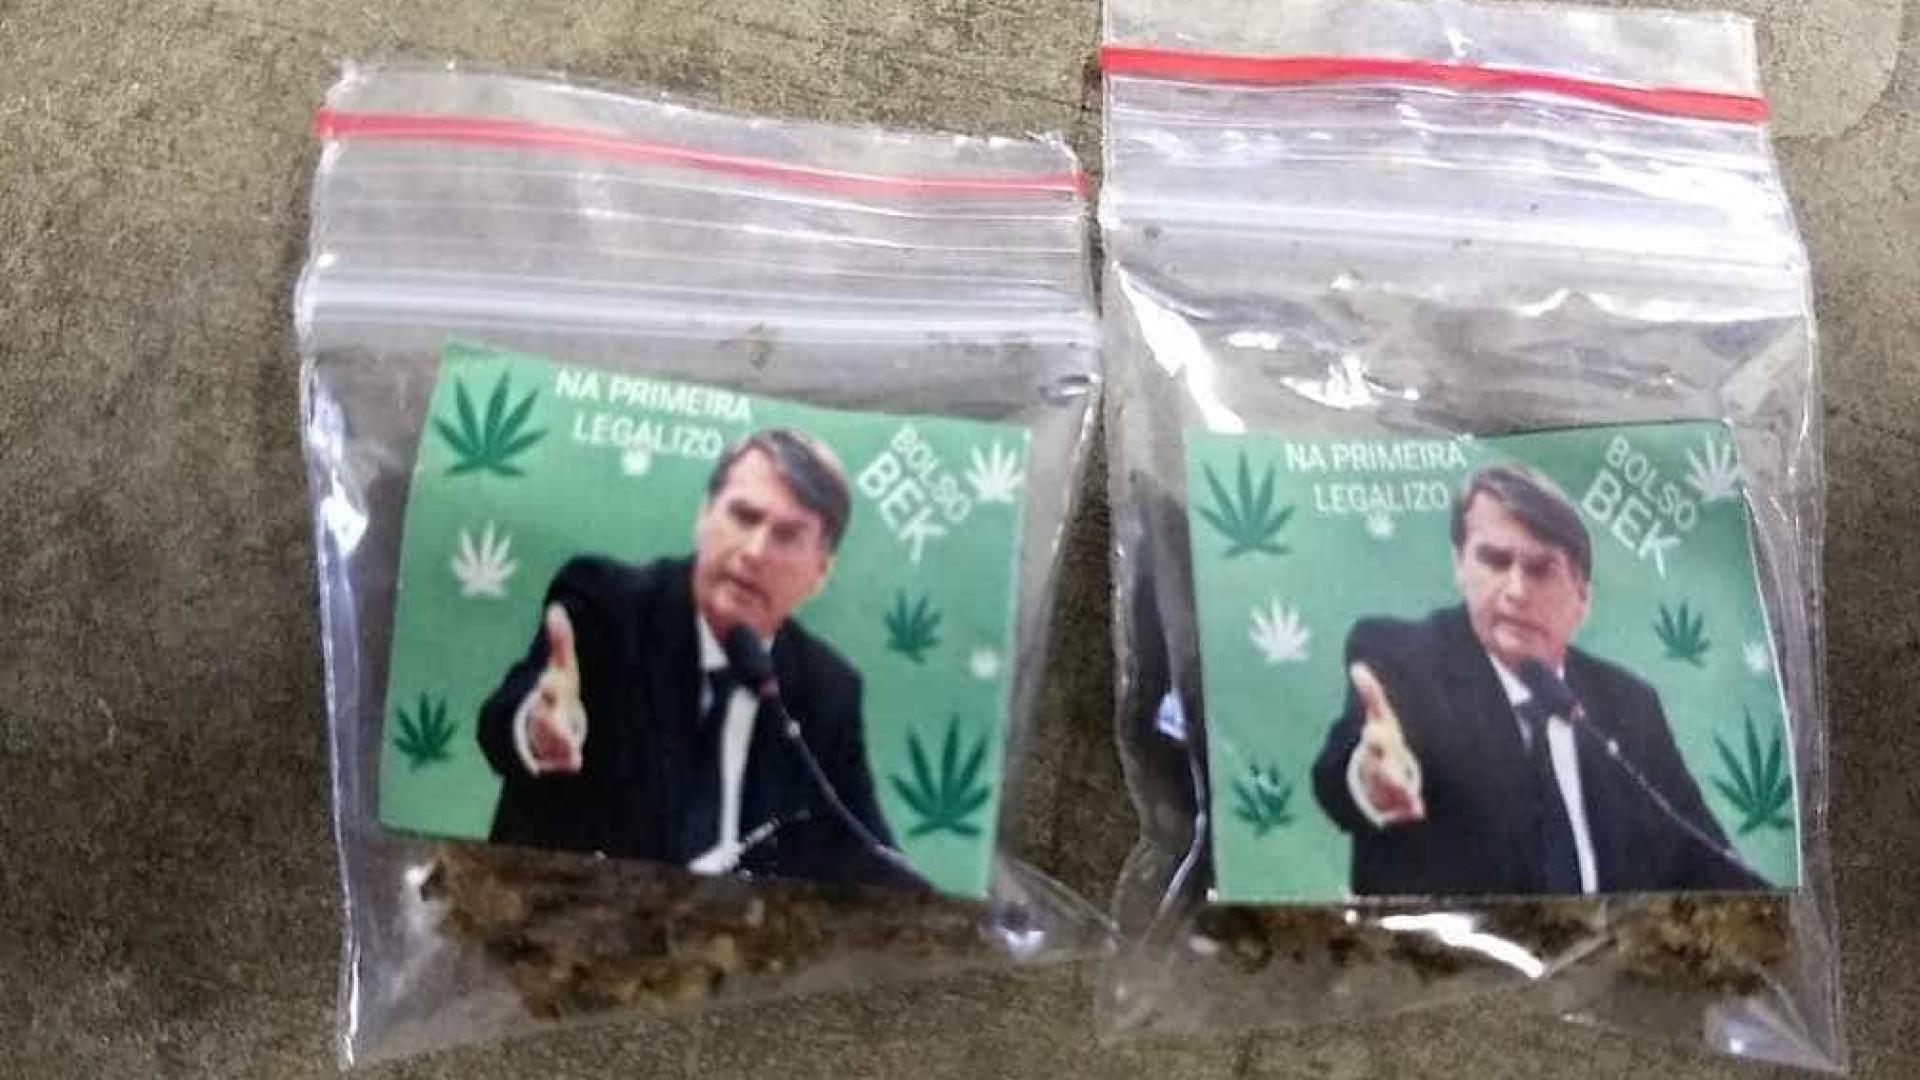 Porções de maconha com foto de Bolsonaro são apreendidas em Mogi Mirim